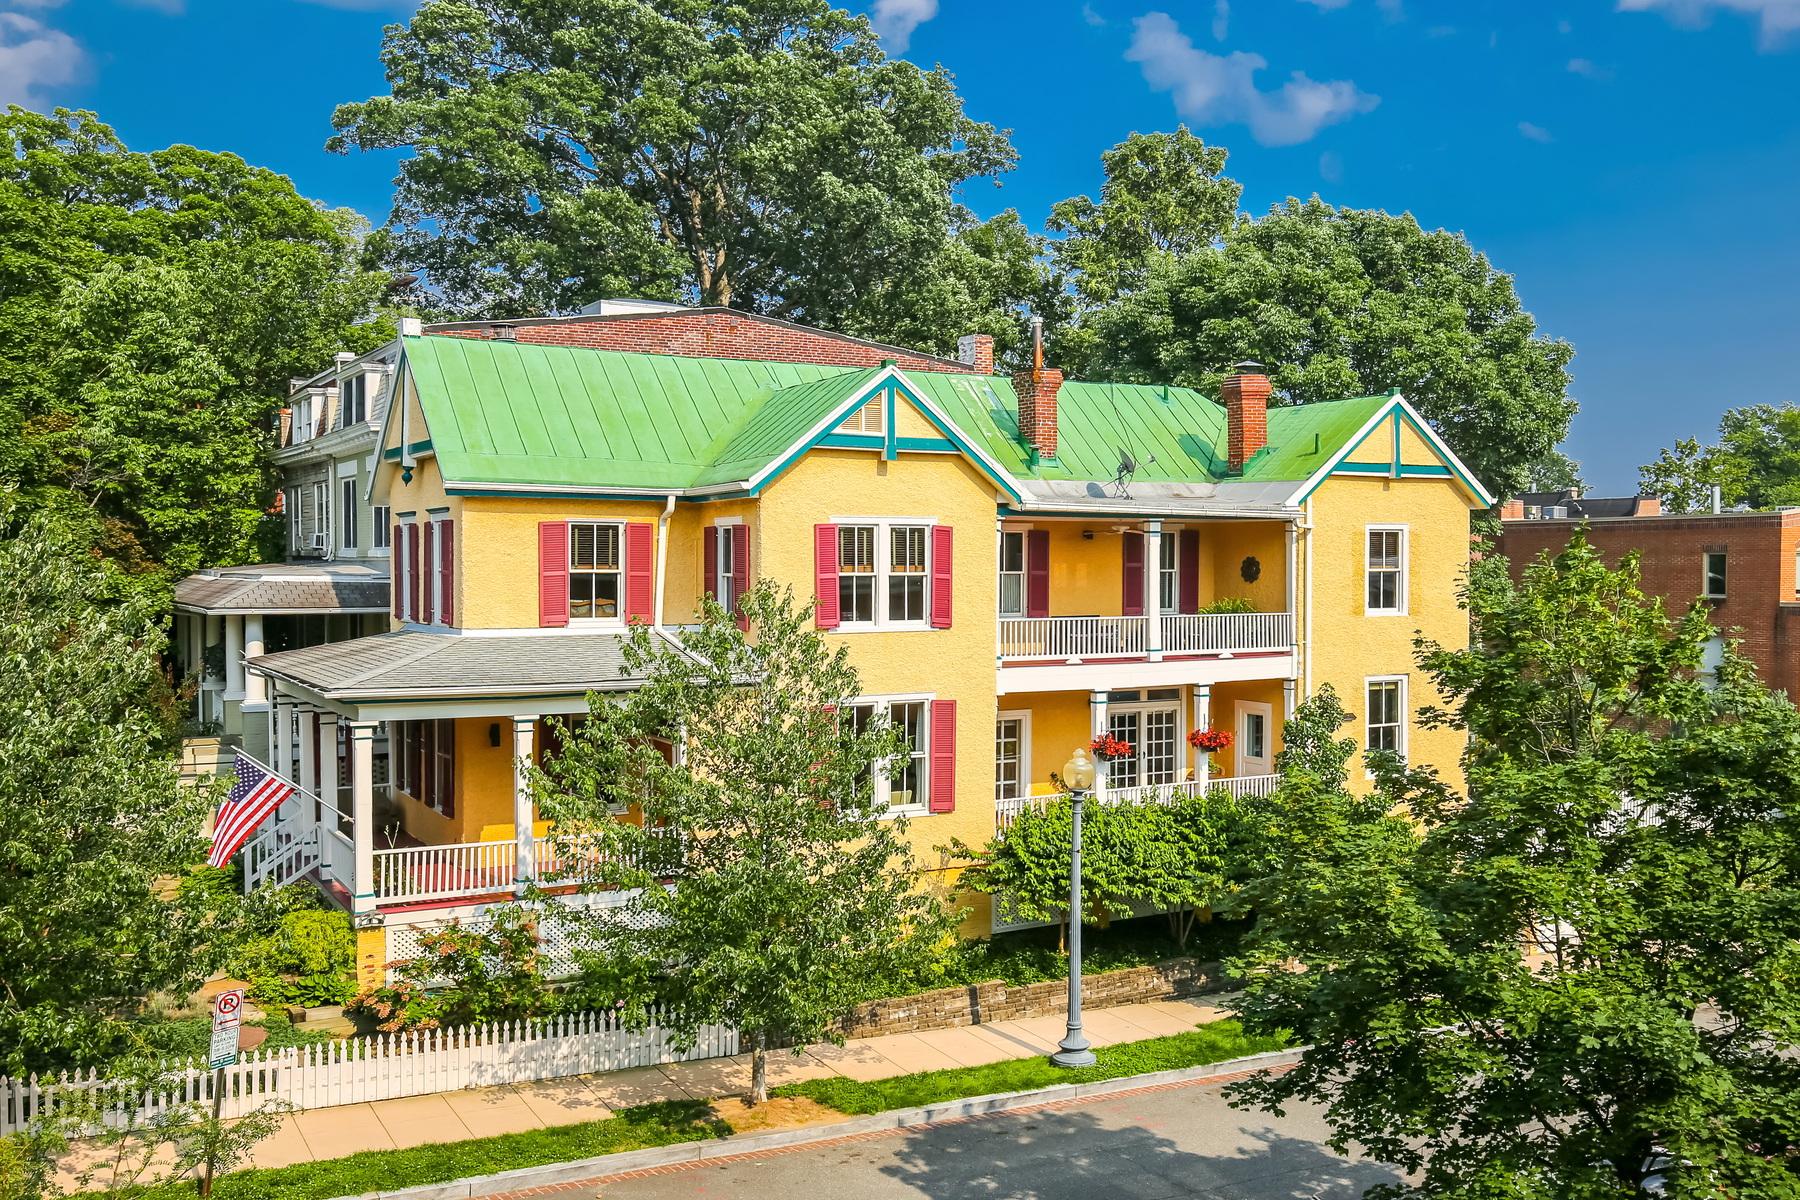 Casa Unifamiliar por un Venta en Historic Mount Pleasant. 1886 Newton Street Nw Washington, Distrito De Columbia 20010 Estados Unidos